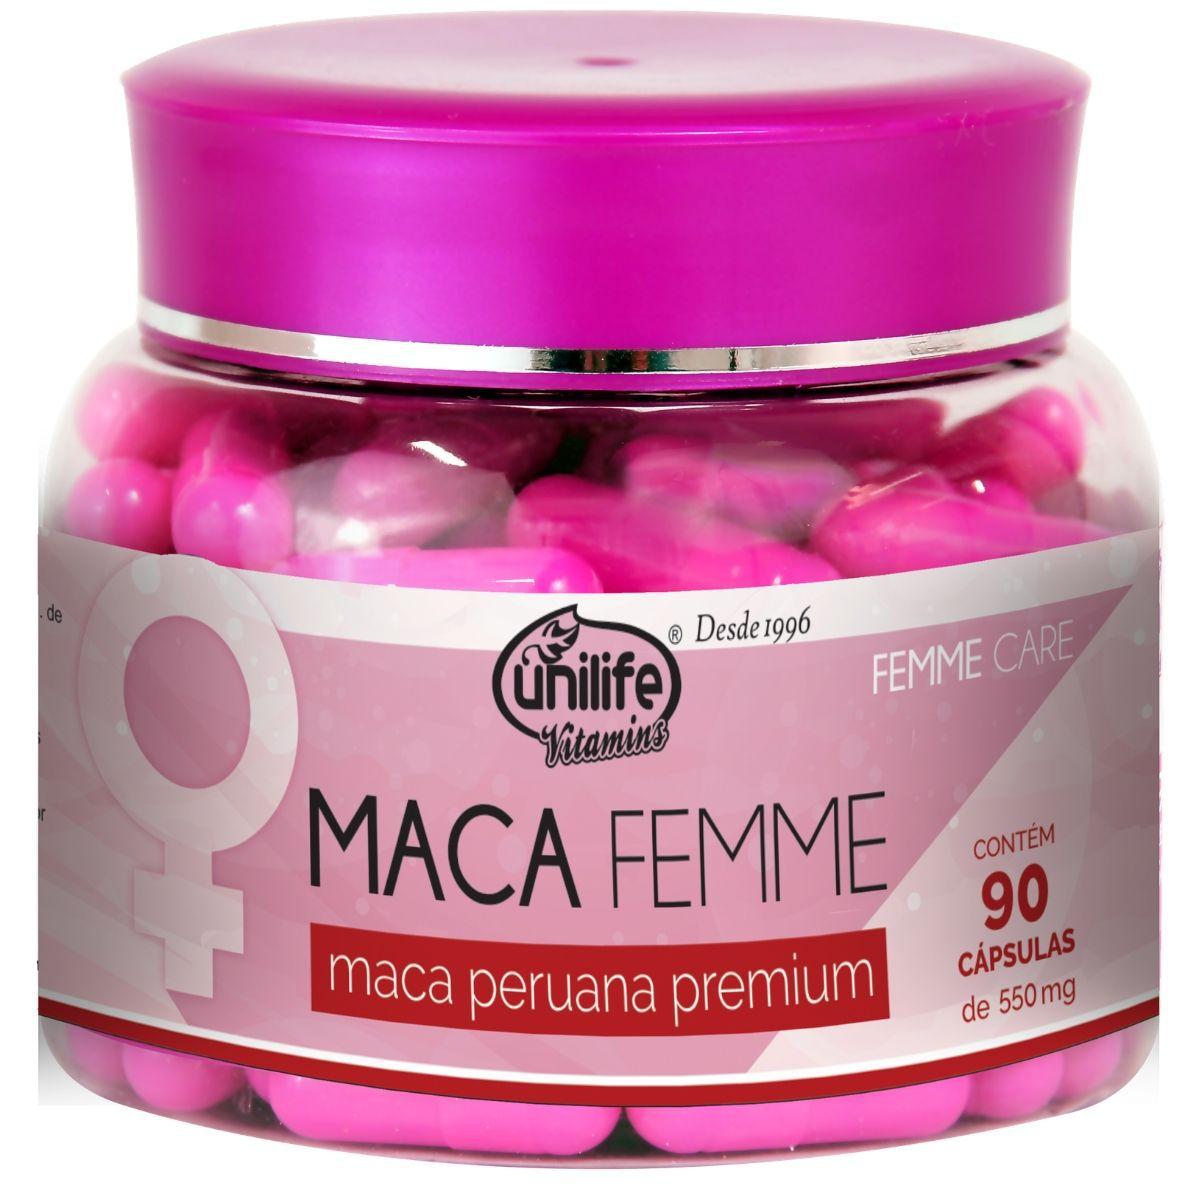 Maca Peruana Femme Premium Pura 90 Cápsulas 550mg - Unilife